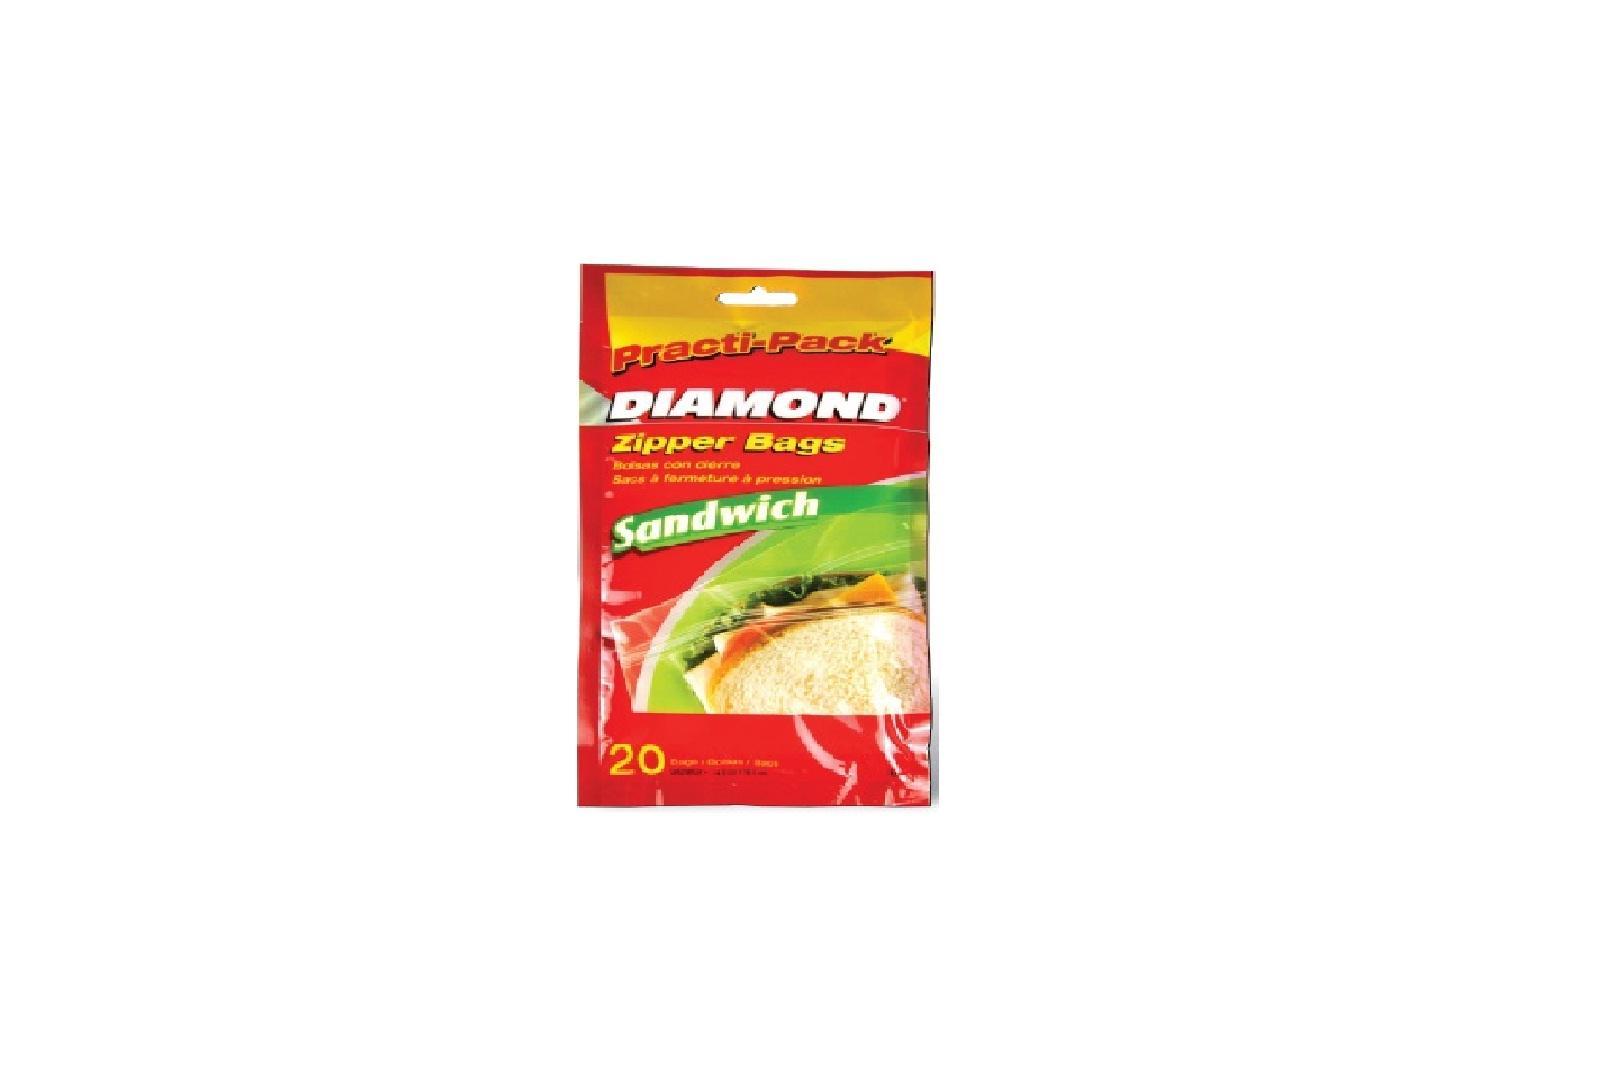 Túi đựng thực phẩm Diamond size sandwich – 20 túi